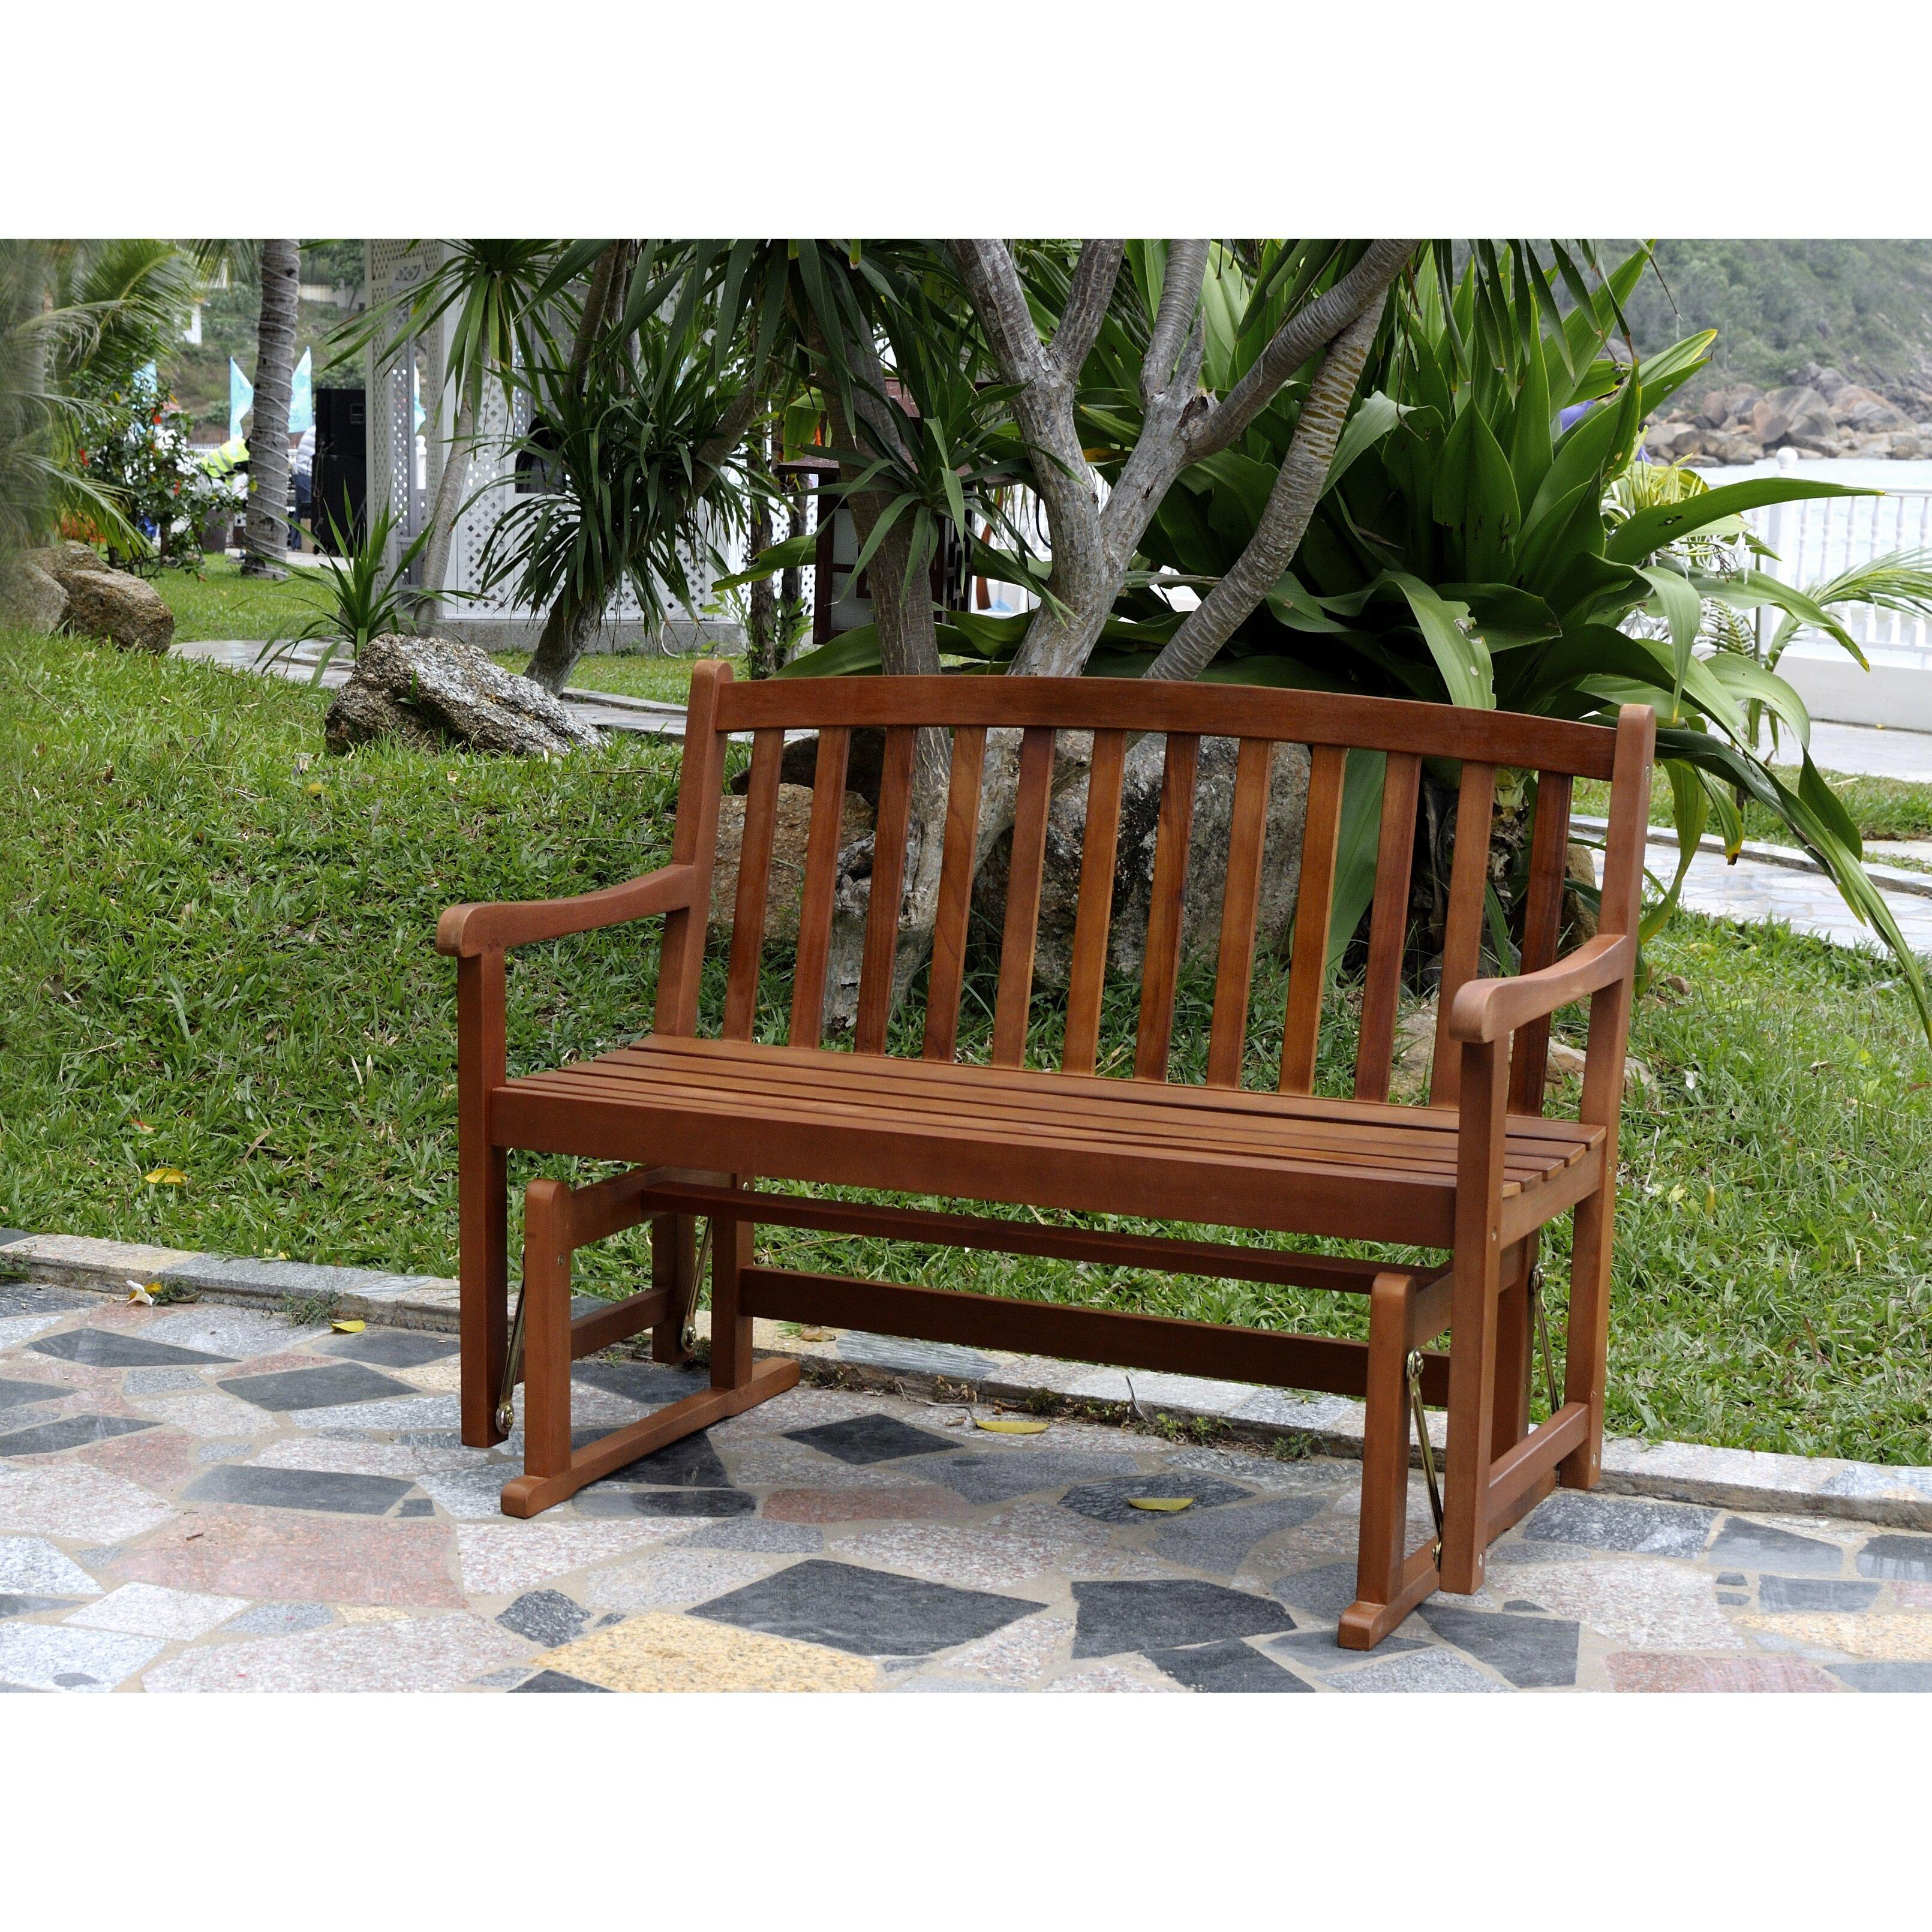 Charlton Home Worcester Glider Wood Garden Bench Reviews Wayfair